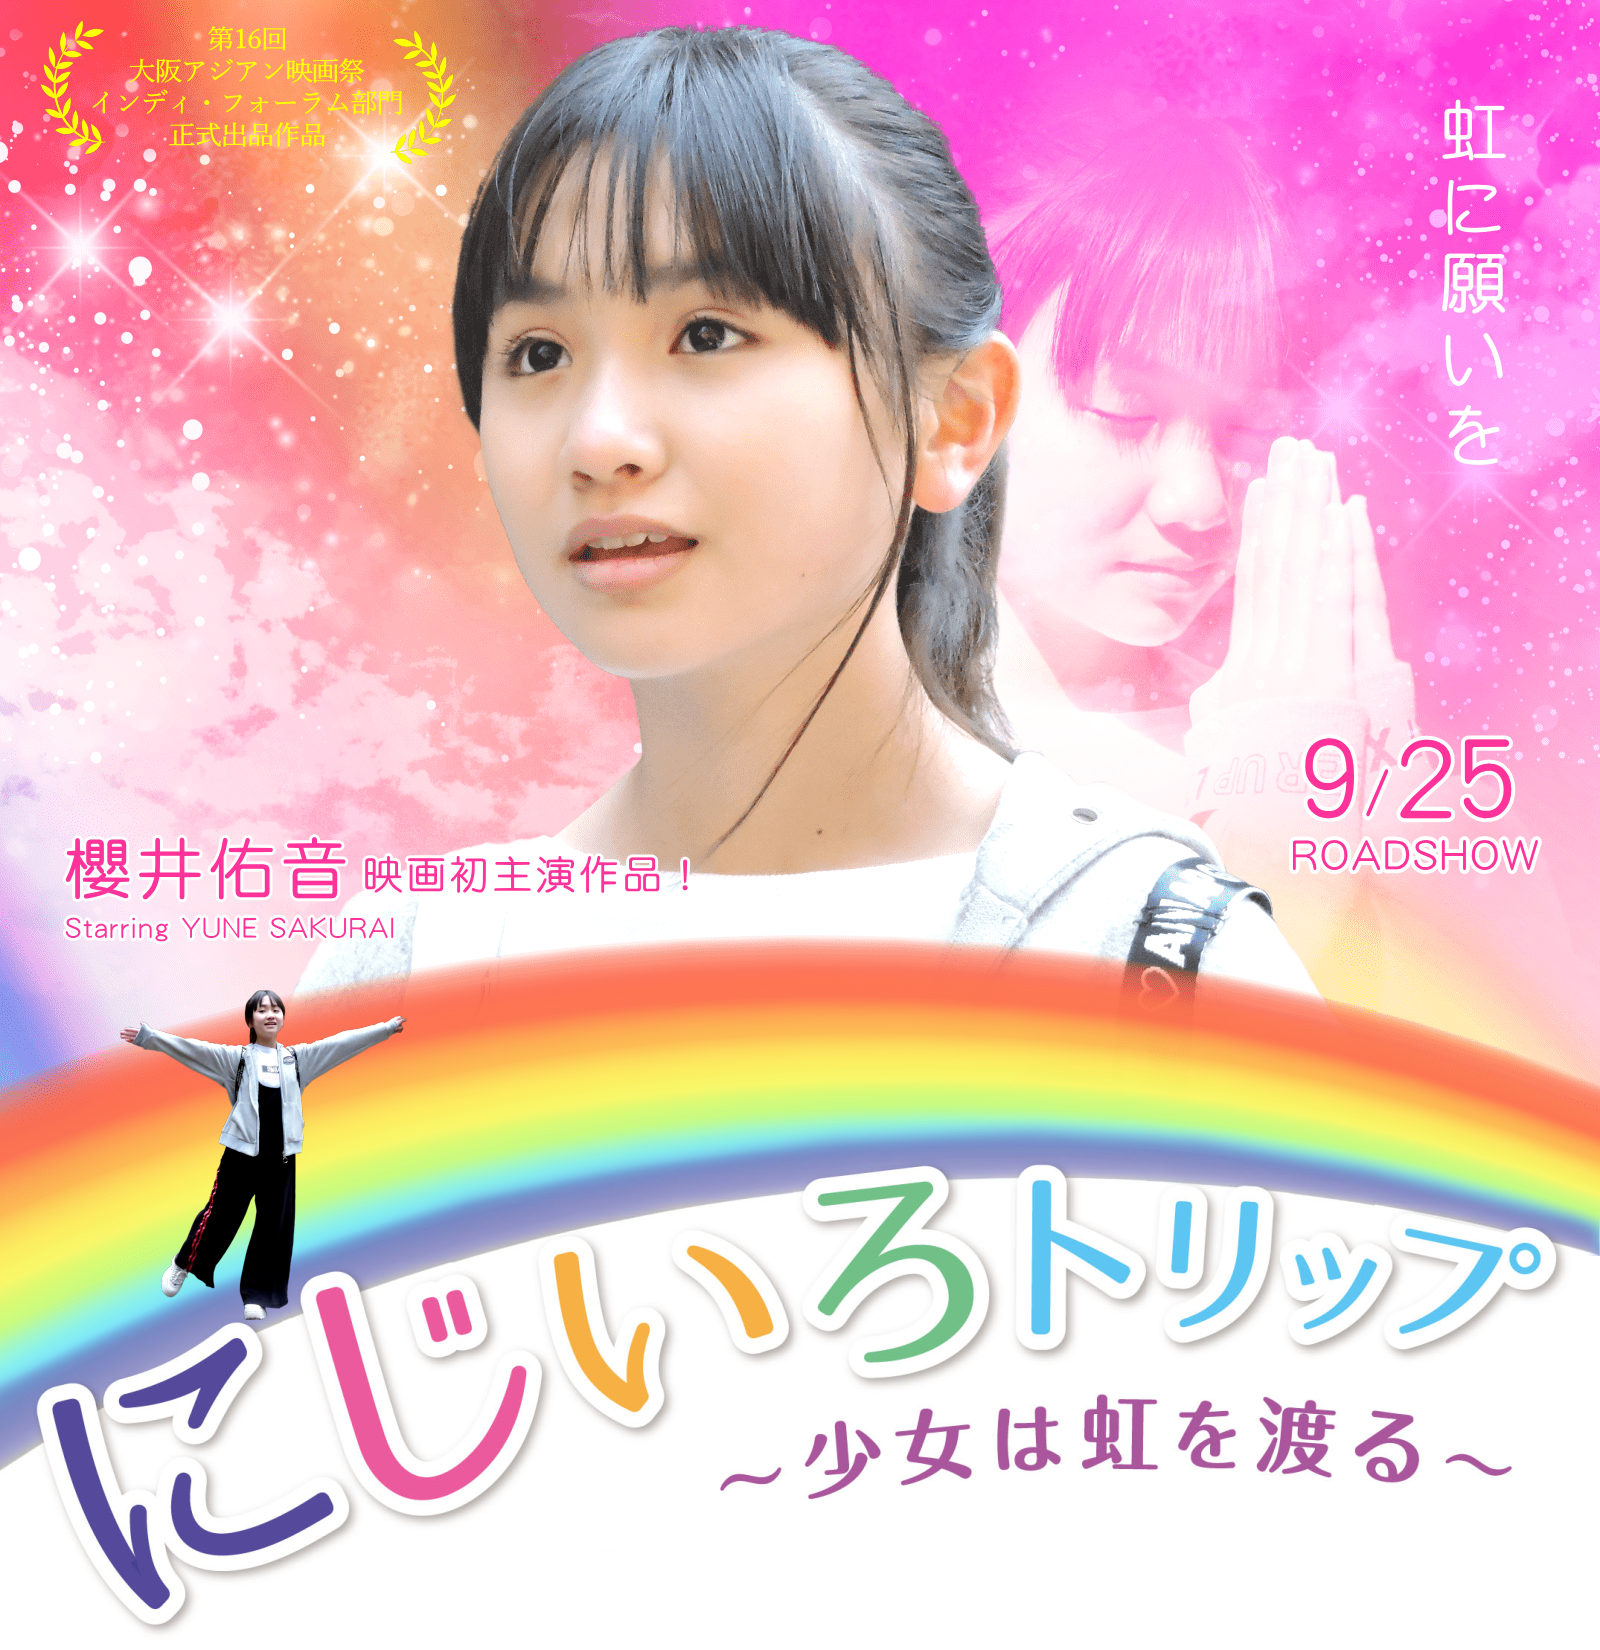 映画『にじいろトリップ〜少女は虹を渡る〜』オフィシャルサイト